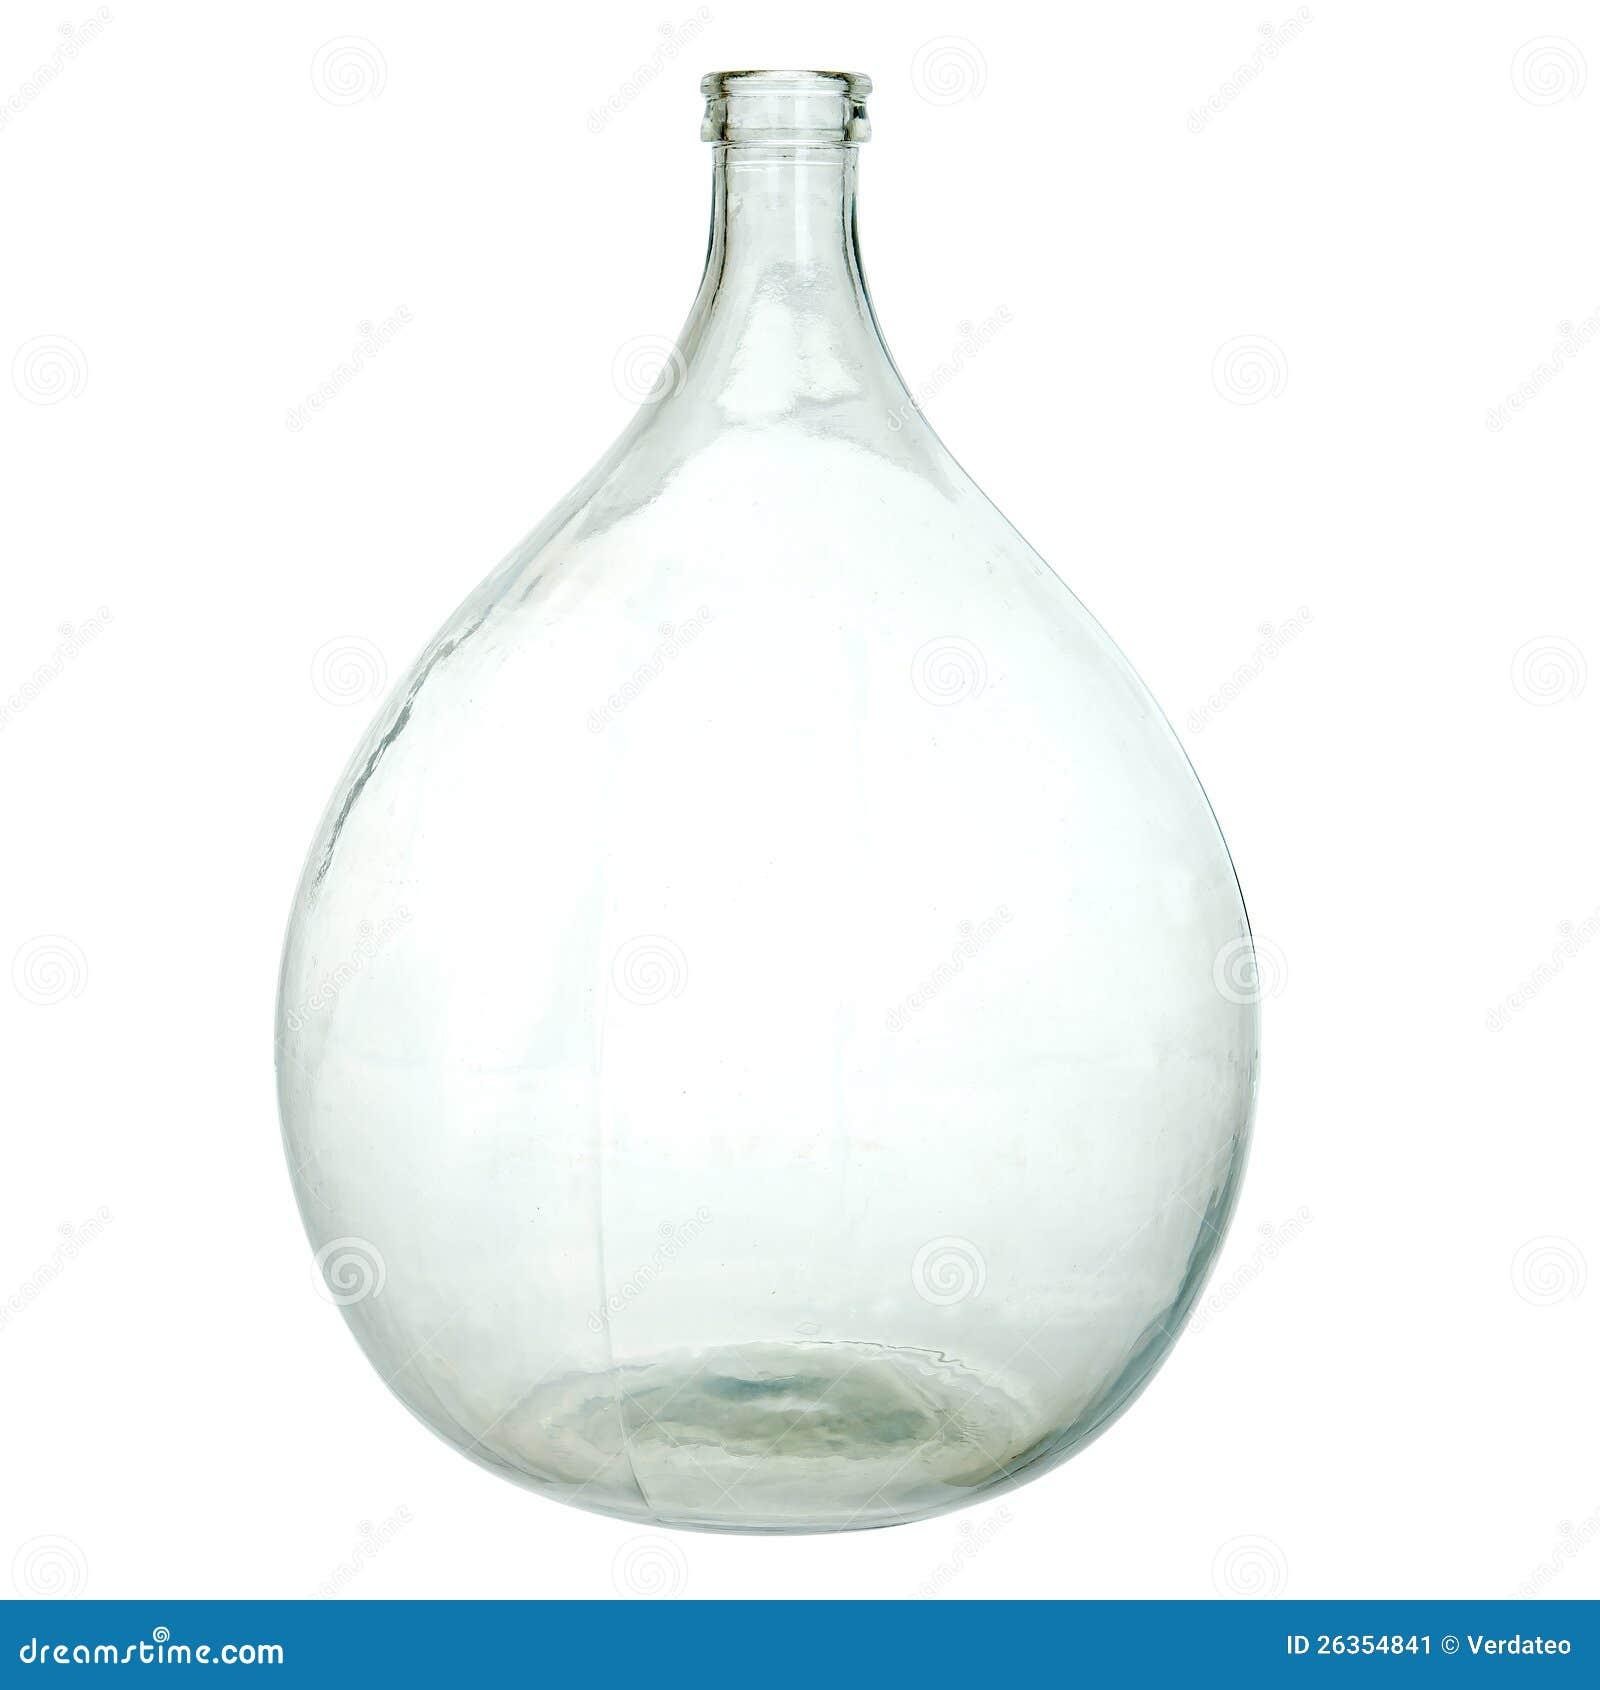 Grande bouteille vide de vin image stock image 26354841 - Achat de bouteille de vin vide ...